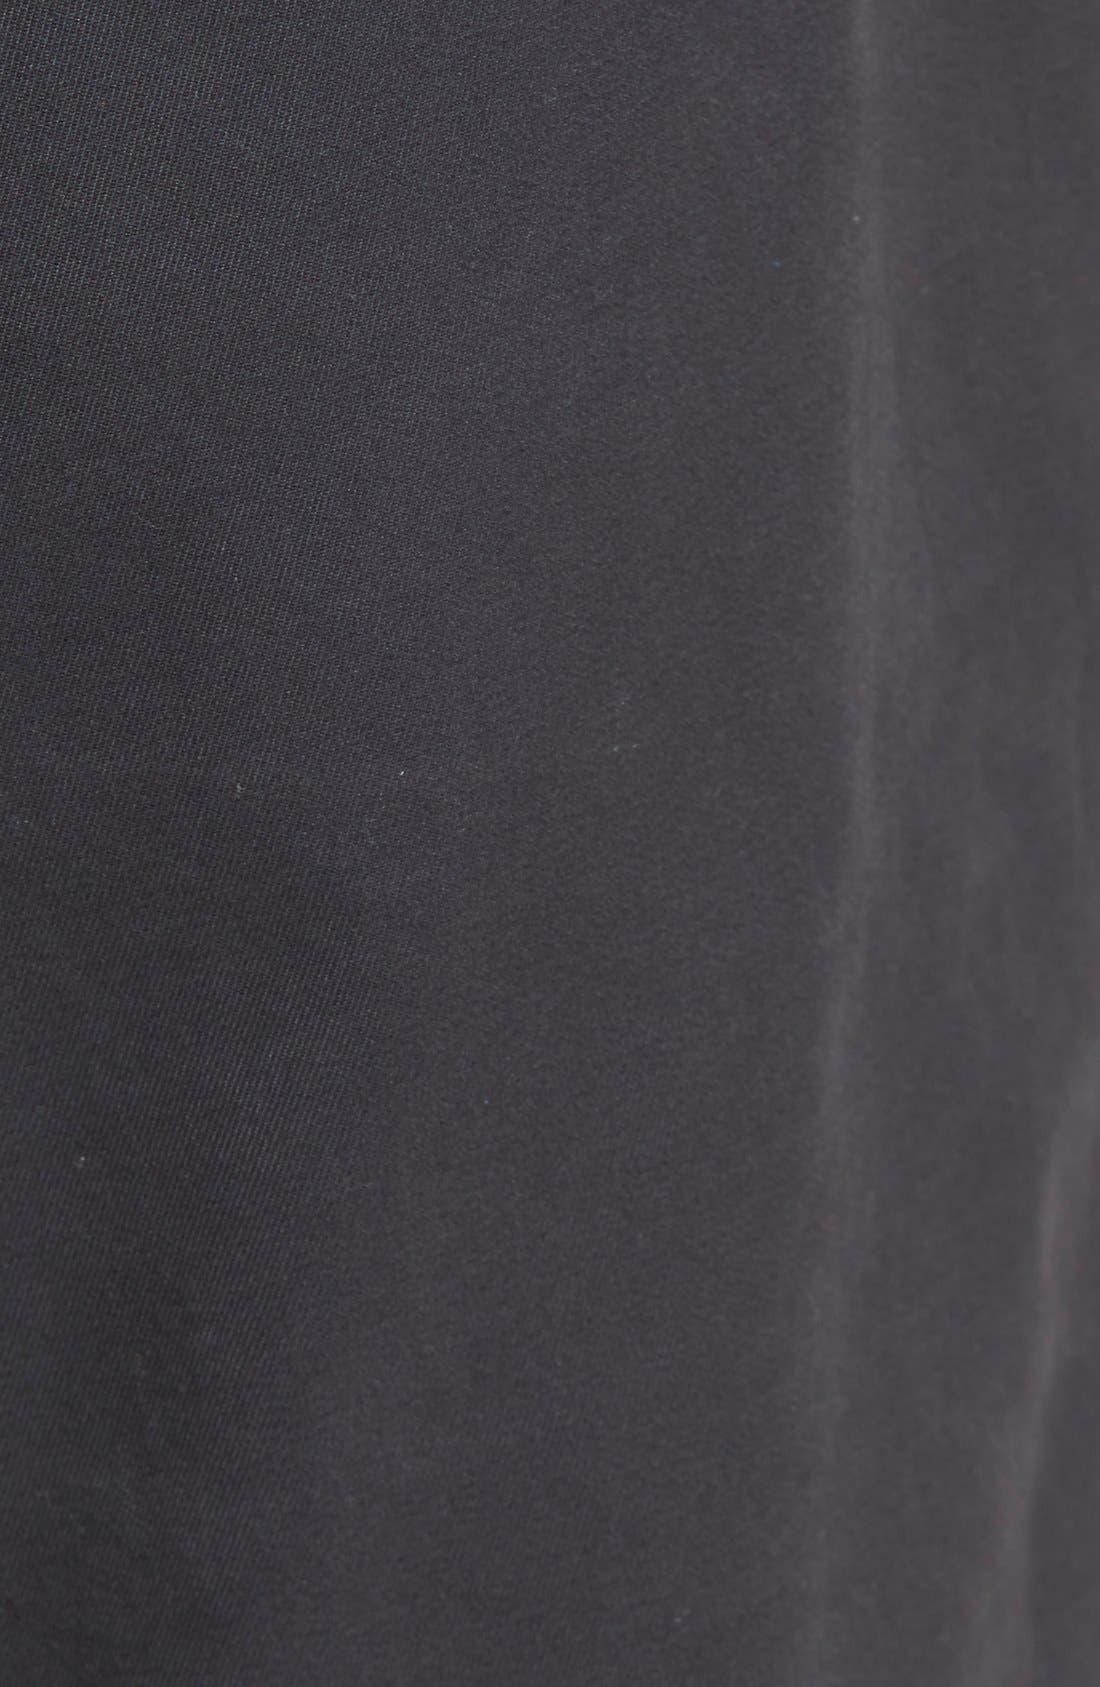 Washed Chino Shorts,                             Alternate thumbnail 2, color,                             001